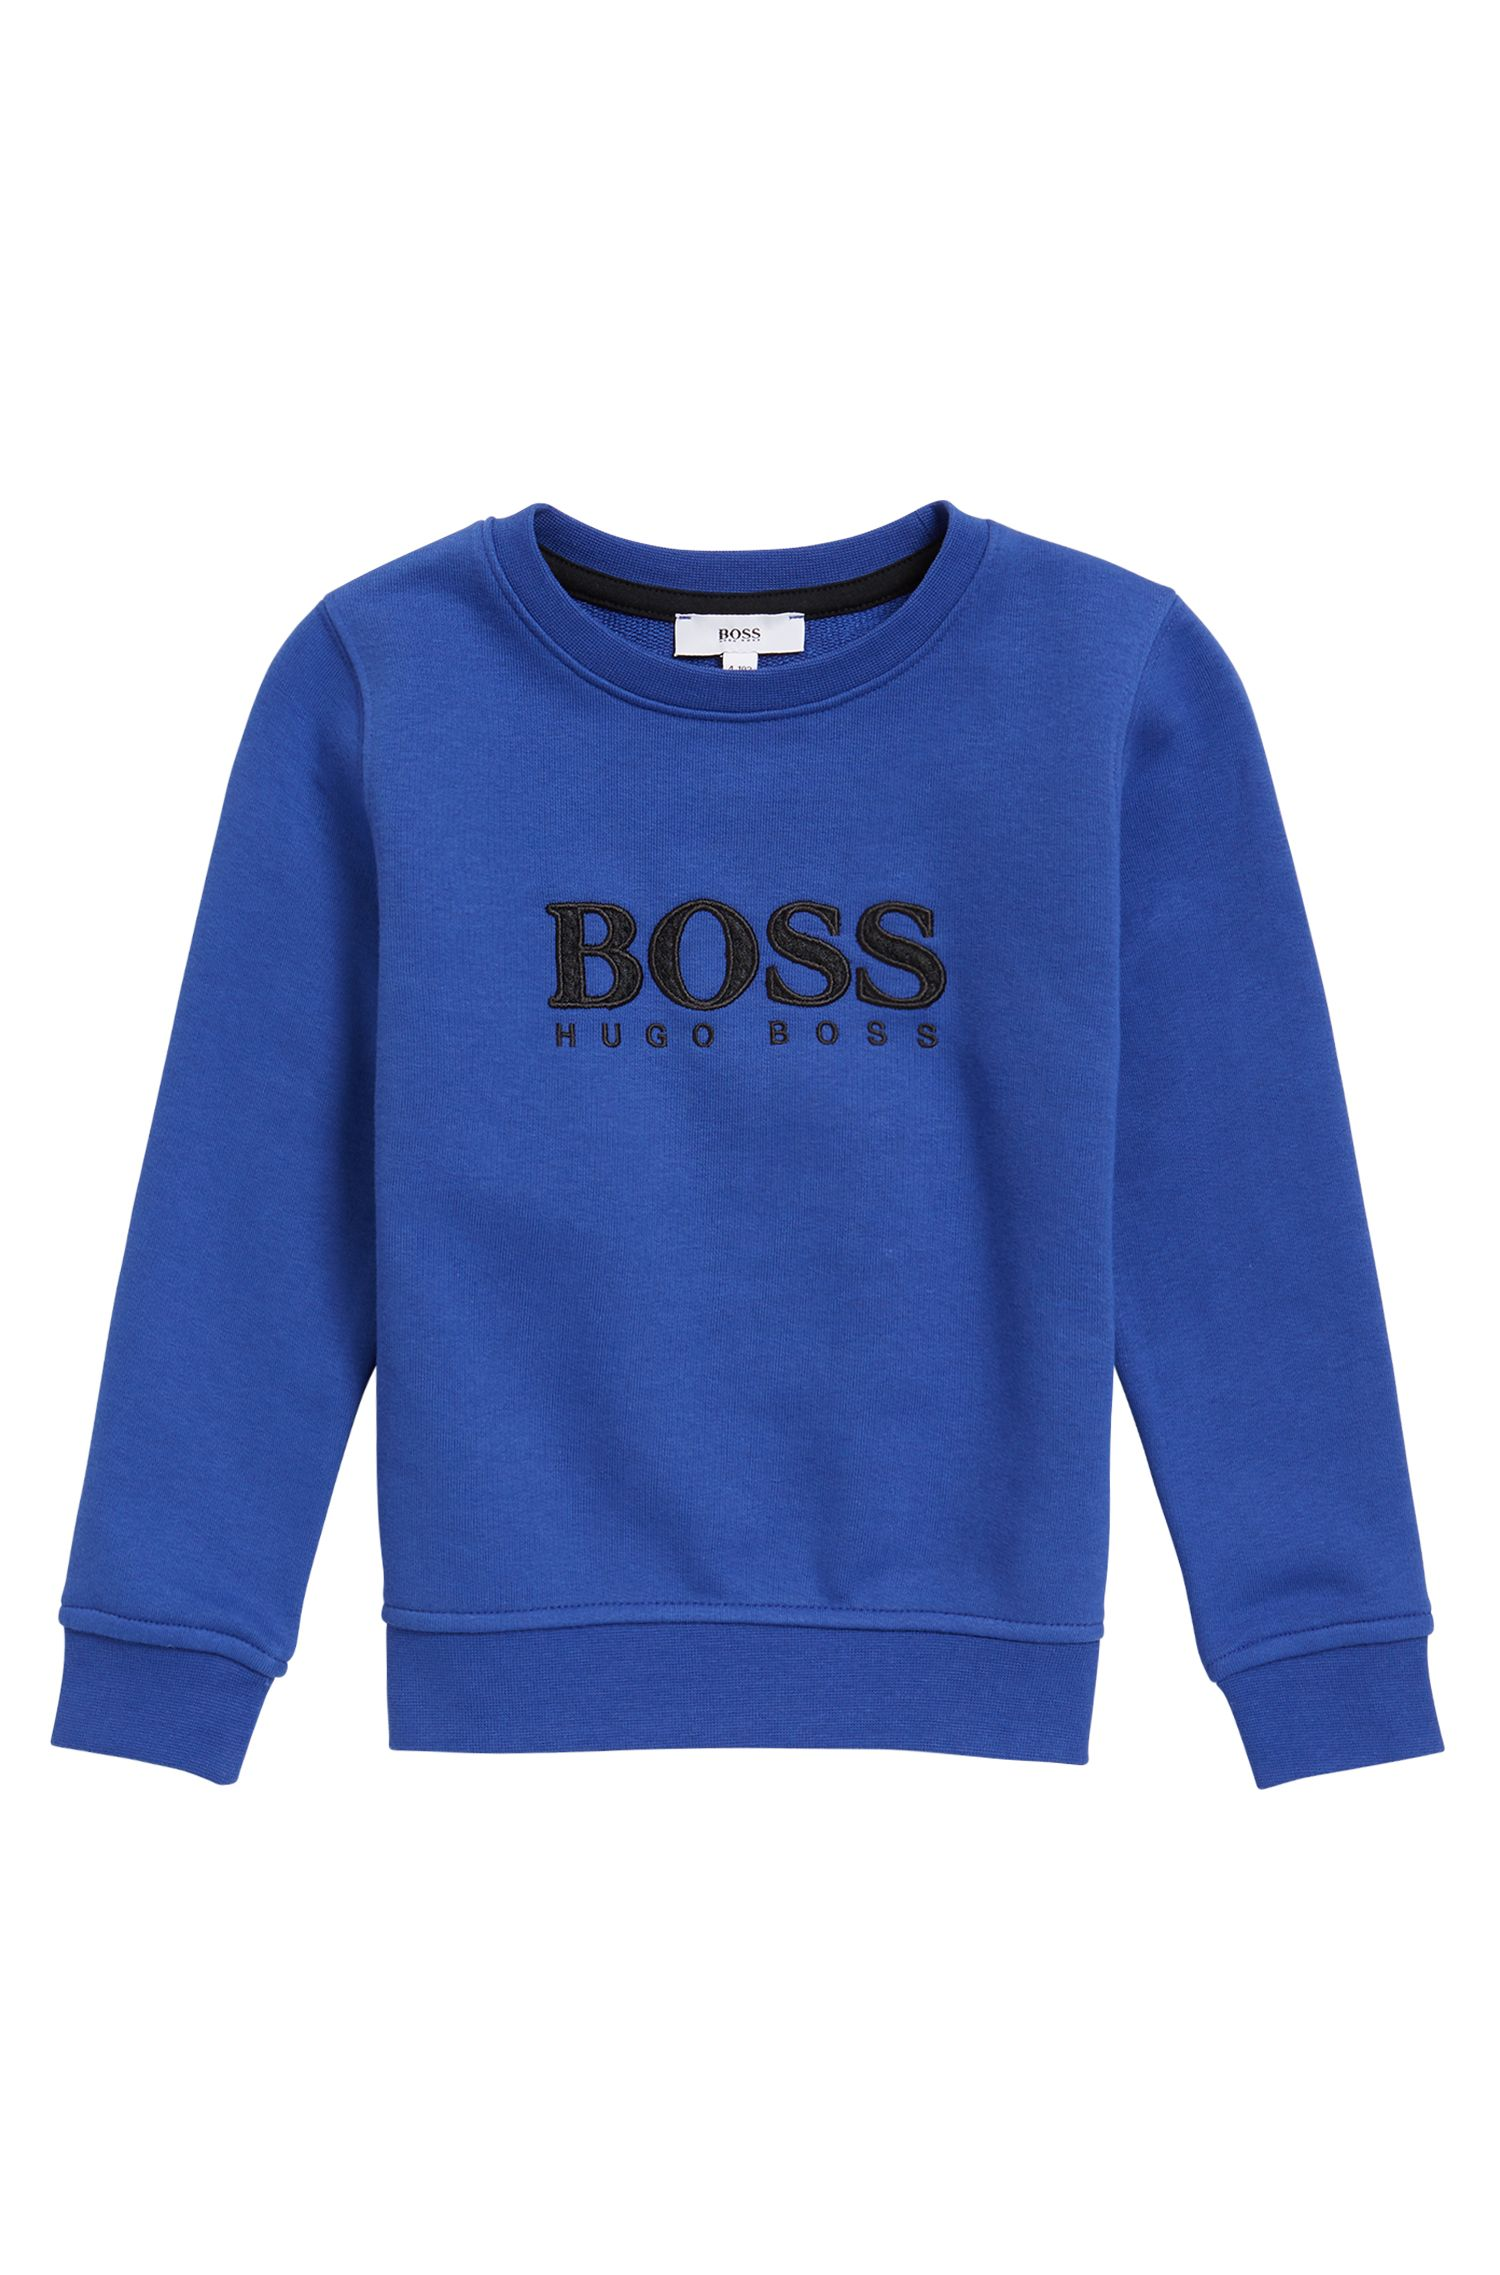 Kindersweatshirt van badstof met logo